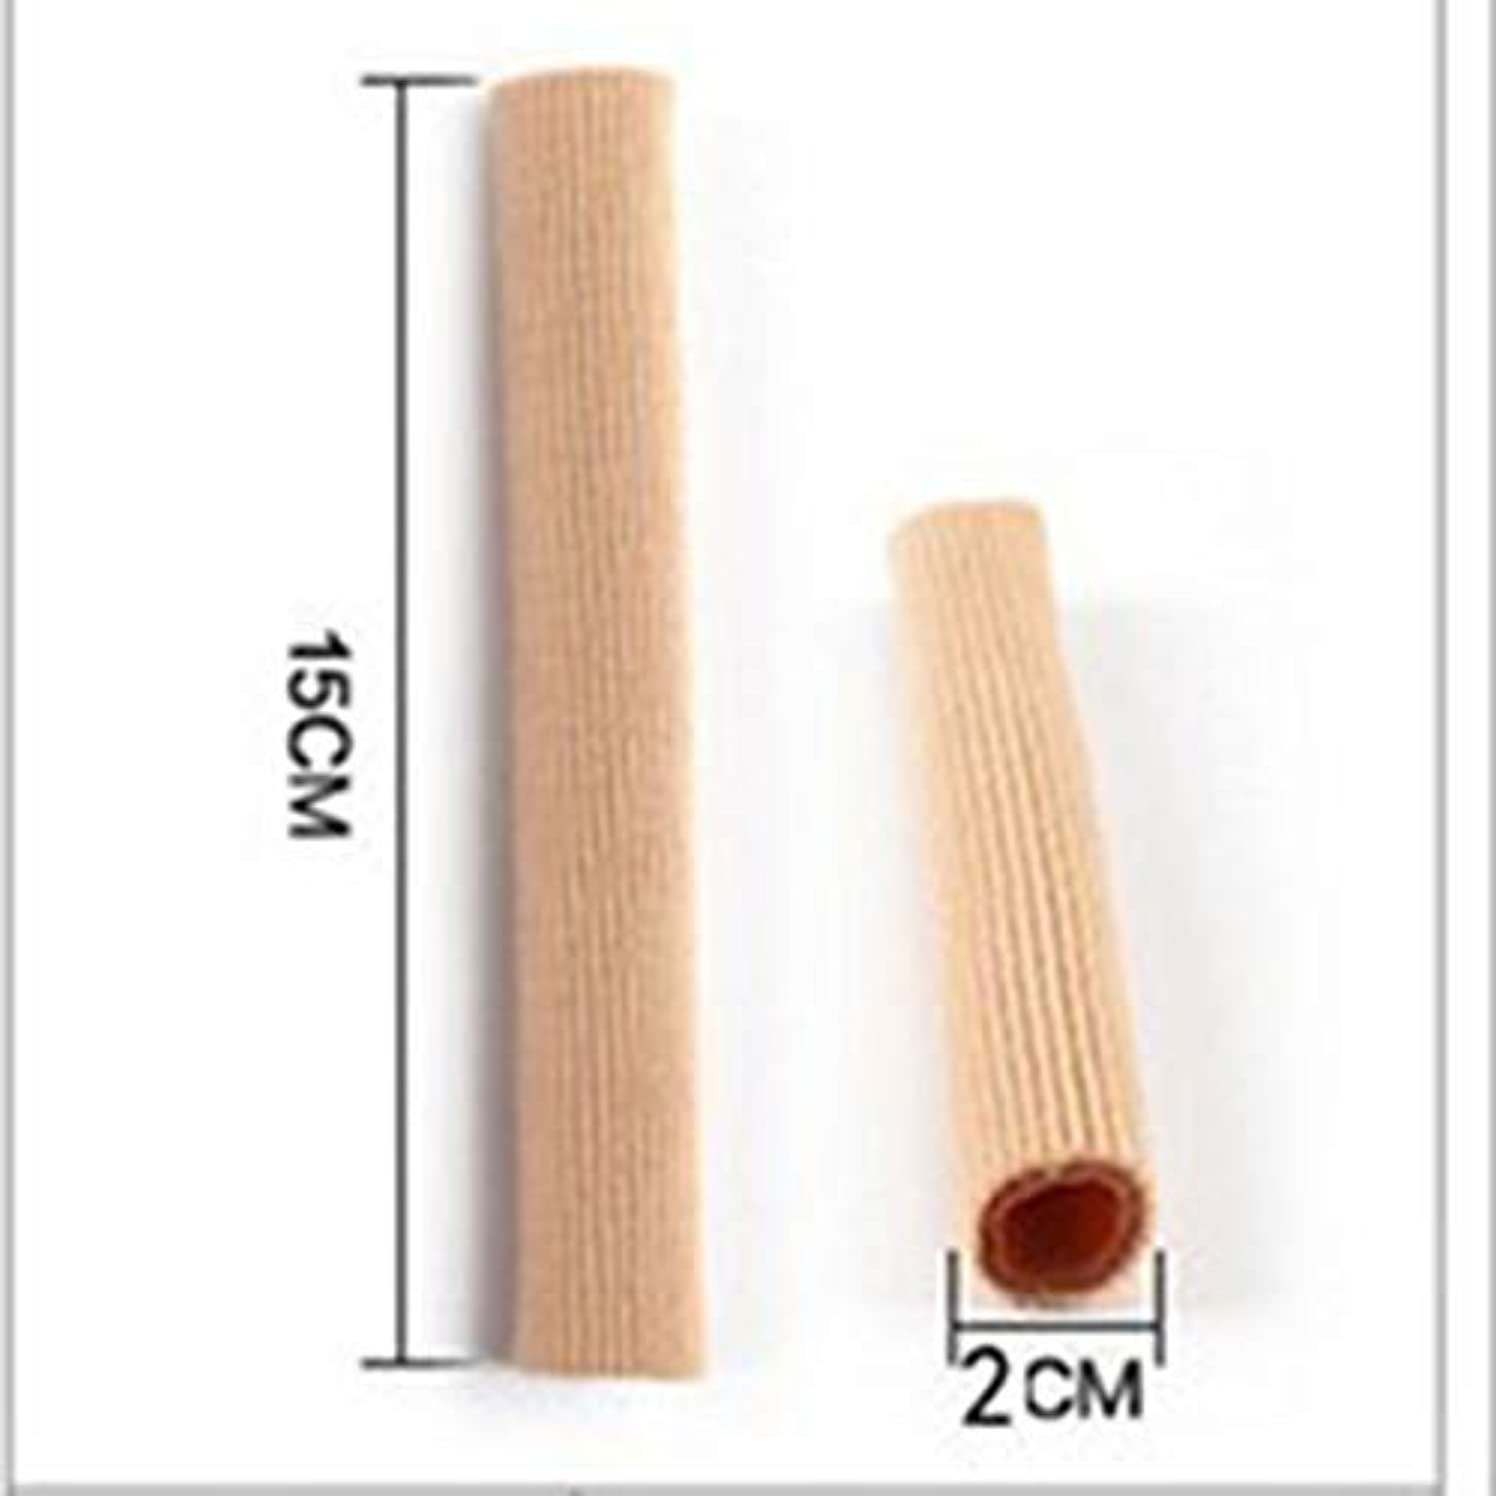 基礎仕出します人工的なOpen Toe Tubes Gel Lined Fabric Sleeve Protectors To Prevent Corns, Calluses And Blisters While Softening And...